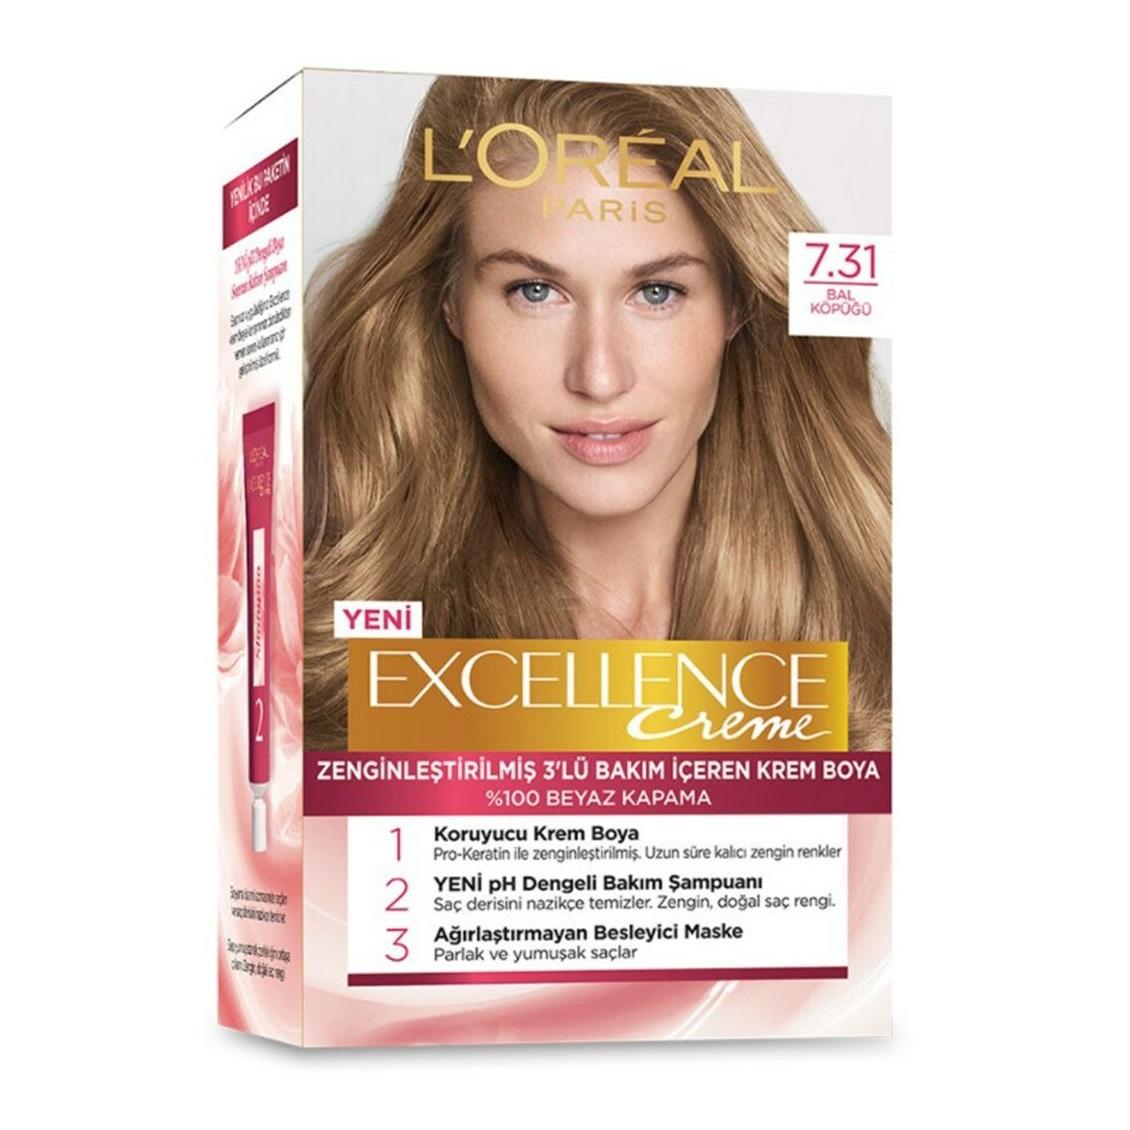 کیت رنگ مو لورآل سری Excellence شماره 7.31